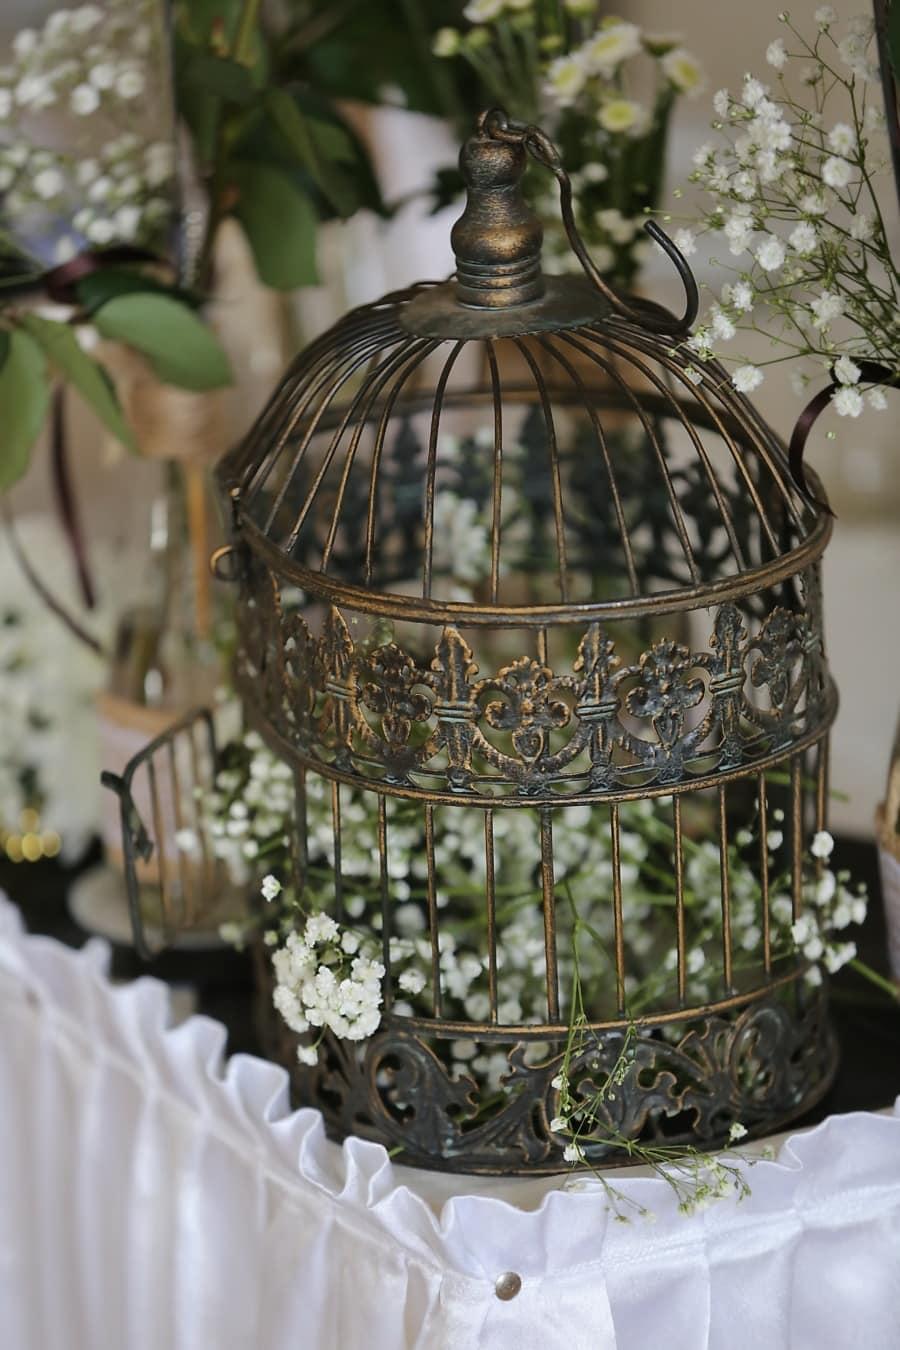 Metal, fantaisie, cage, décoration, nature morte, fleur, couleur, traditionnel, conception, luxe